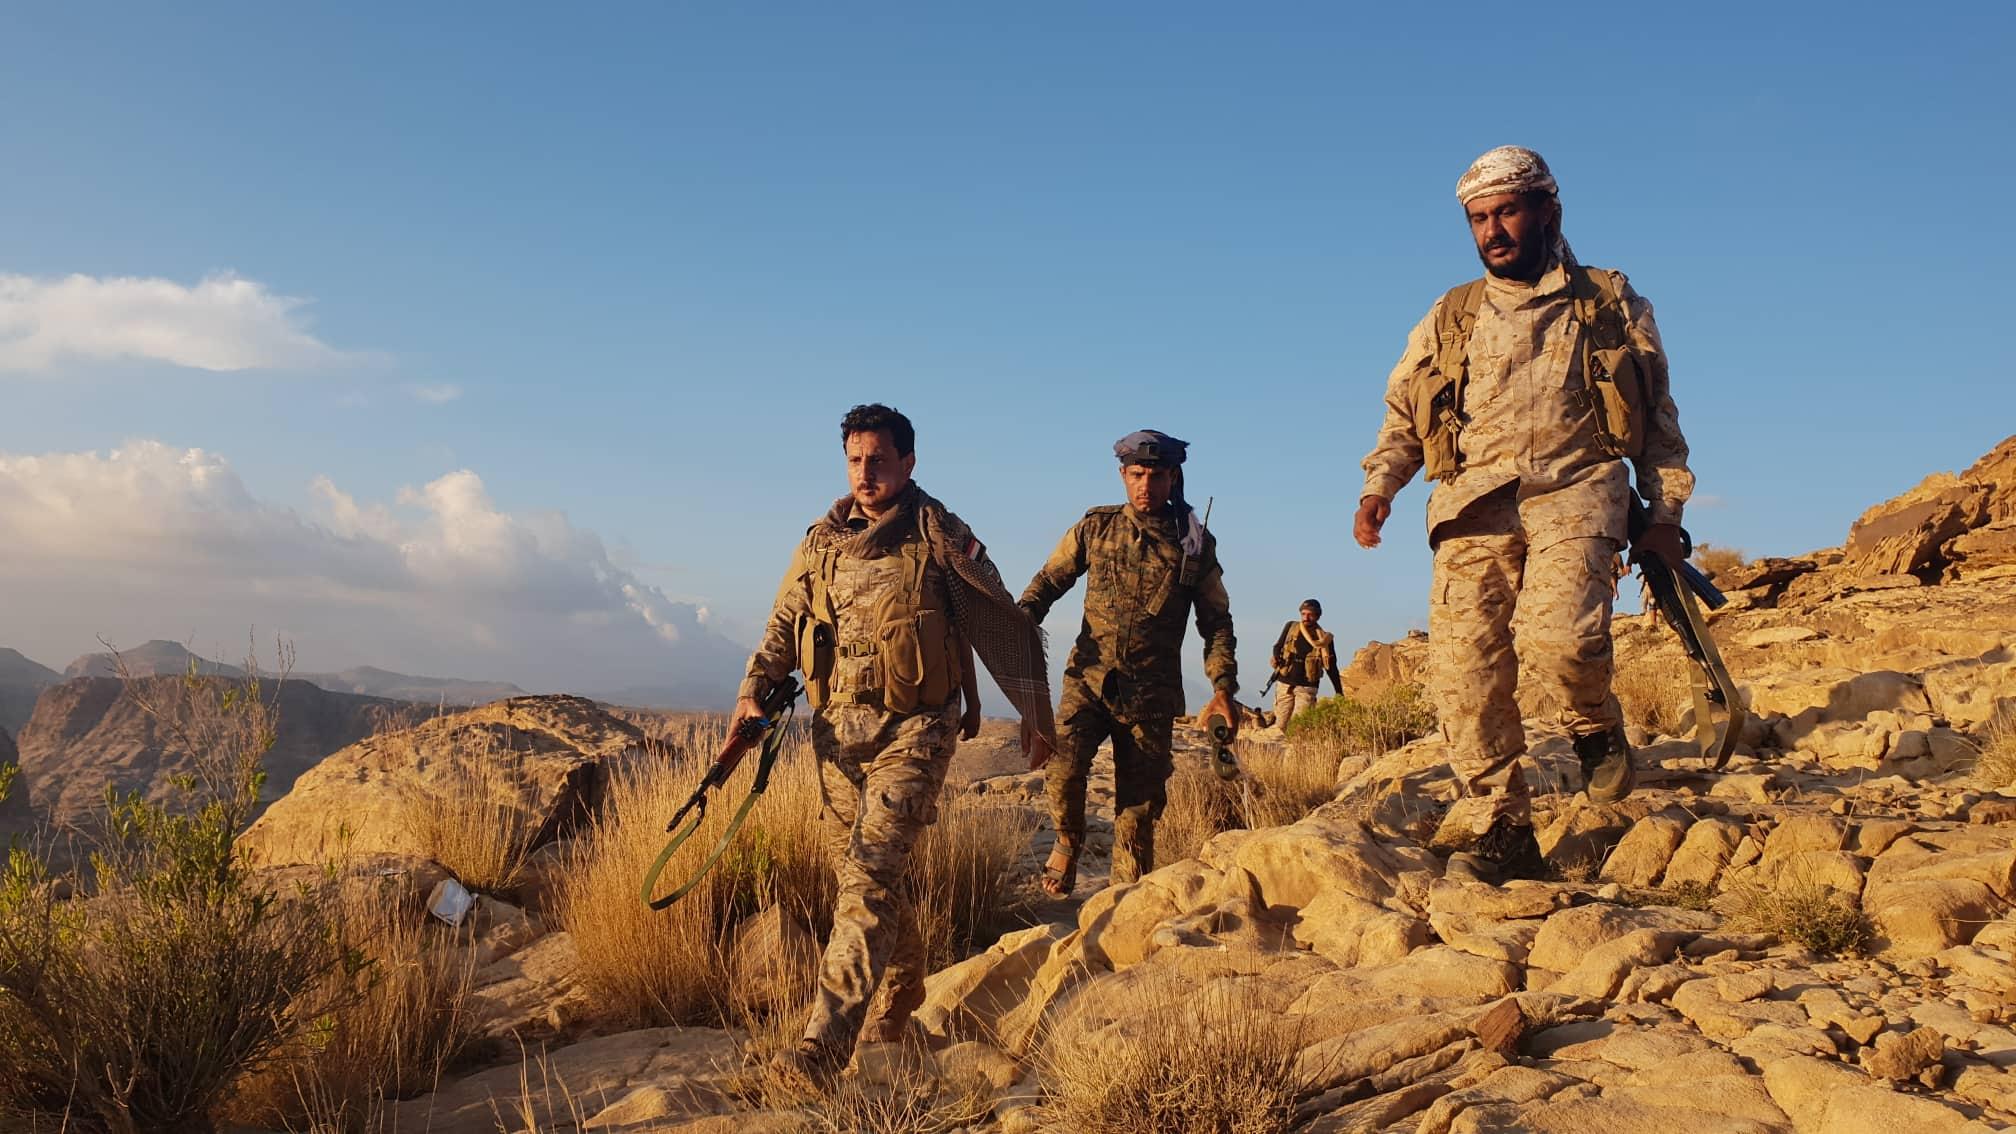 مقتل عدد من عناصر الحوثي في كمين للجيش بصعدة